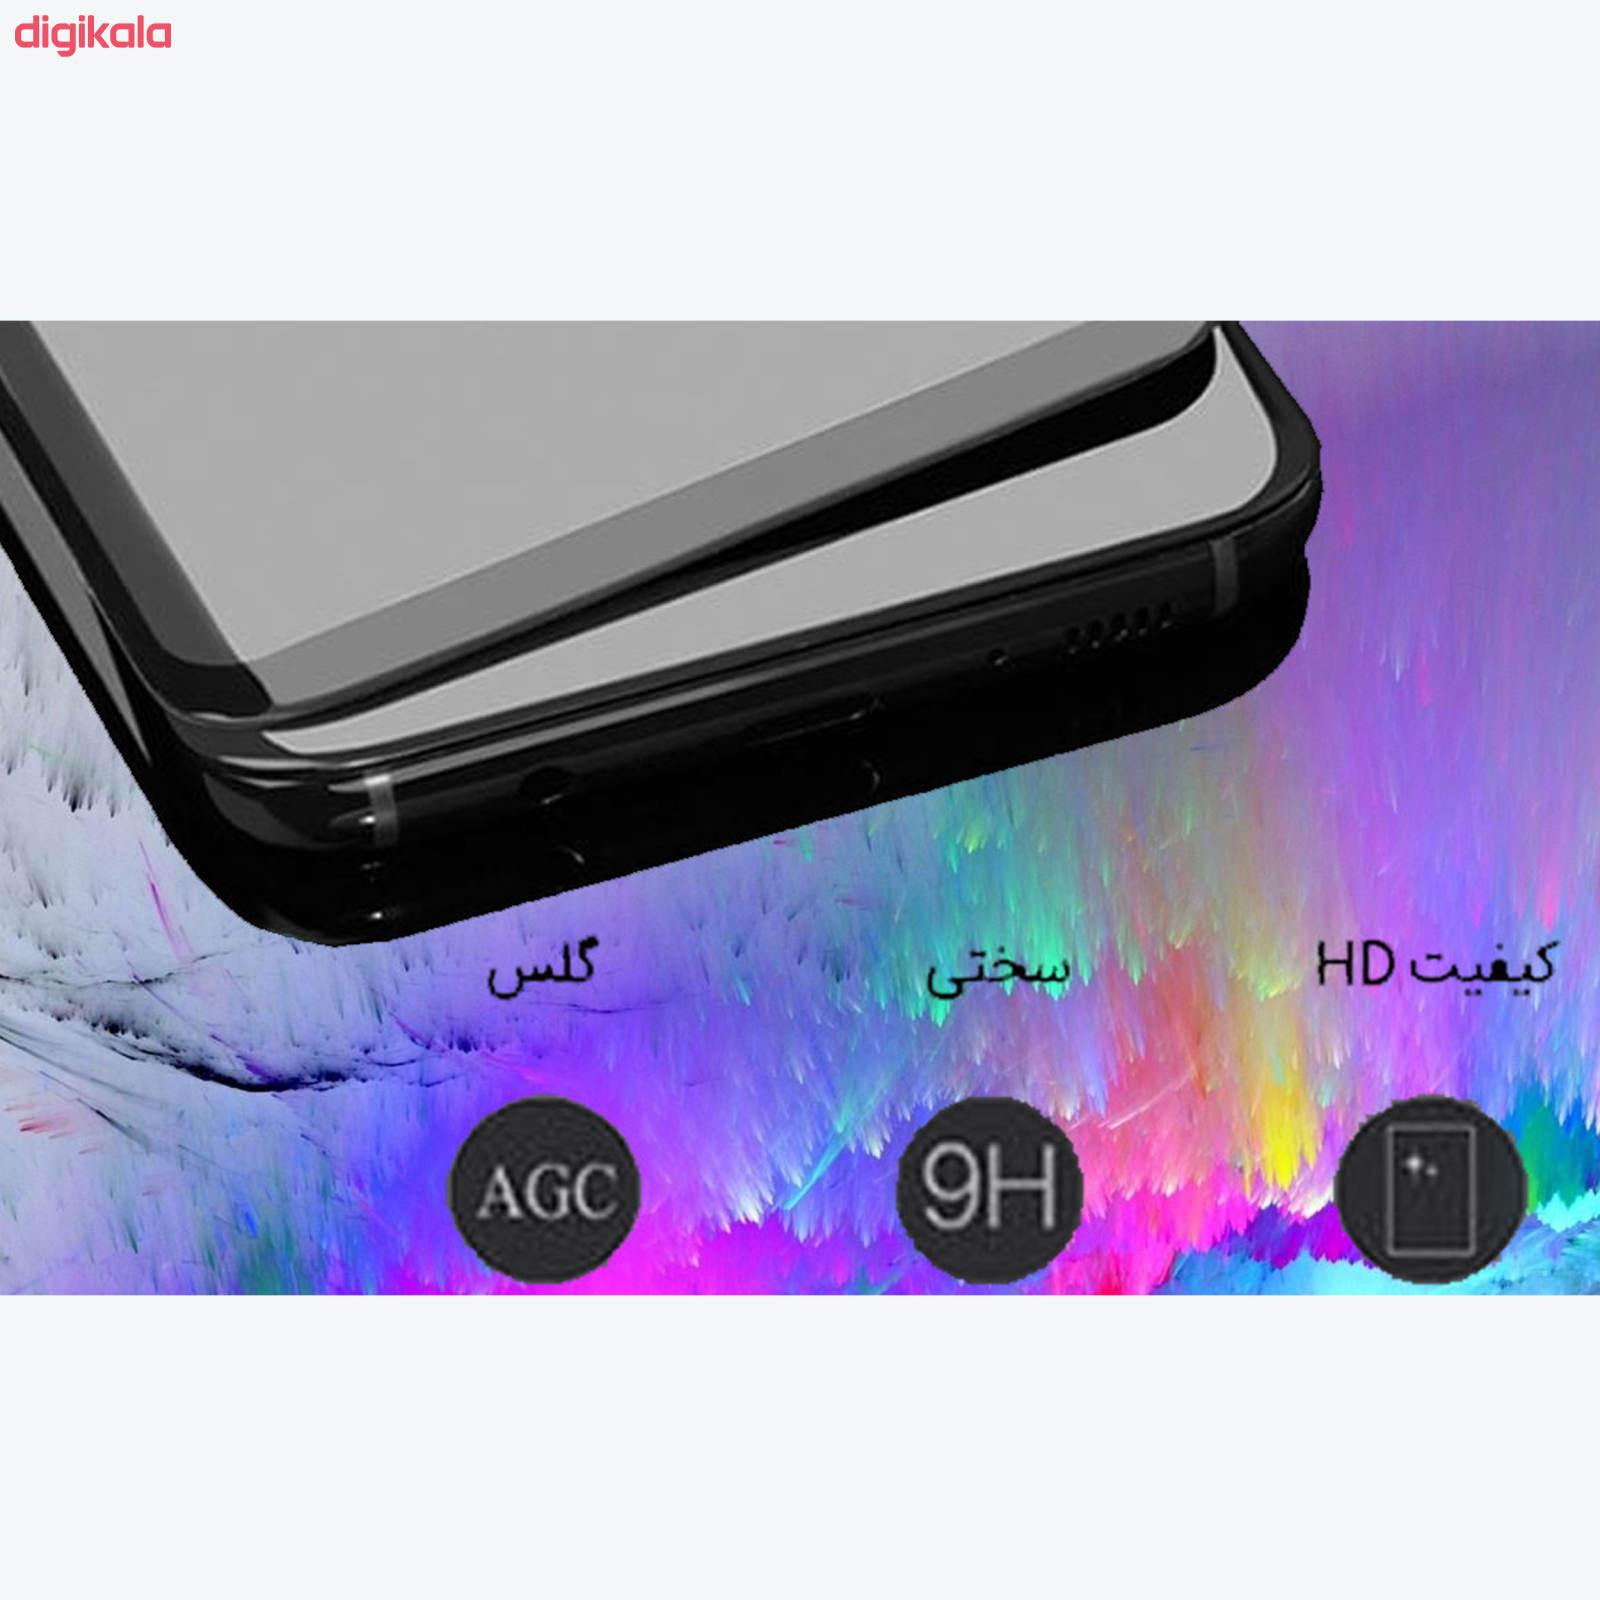 محافظ صفحه نمايش مدل FLGSP مناسب برای گوشی موبایل شیائومی Redmi Note 9 Pro به همراه محافظ لنز دوربین main 1 3